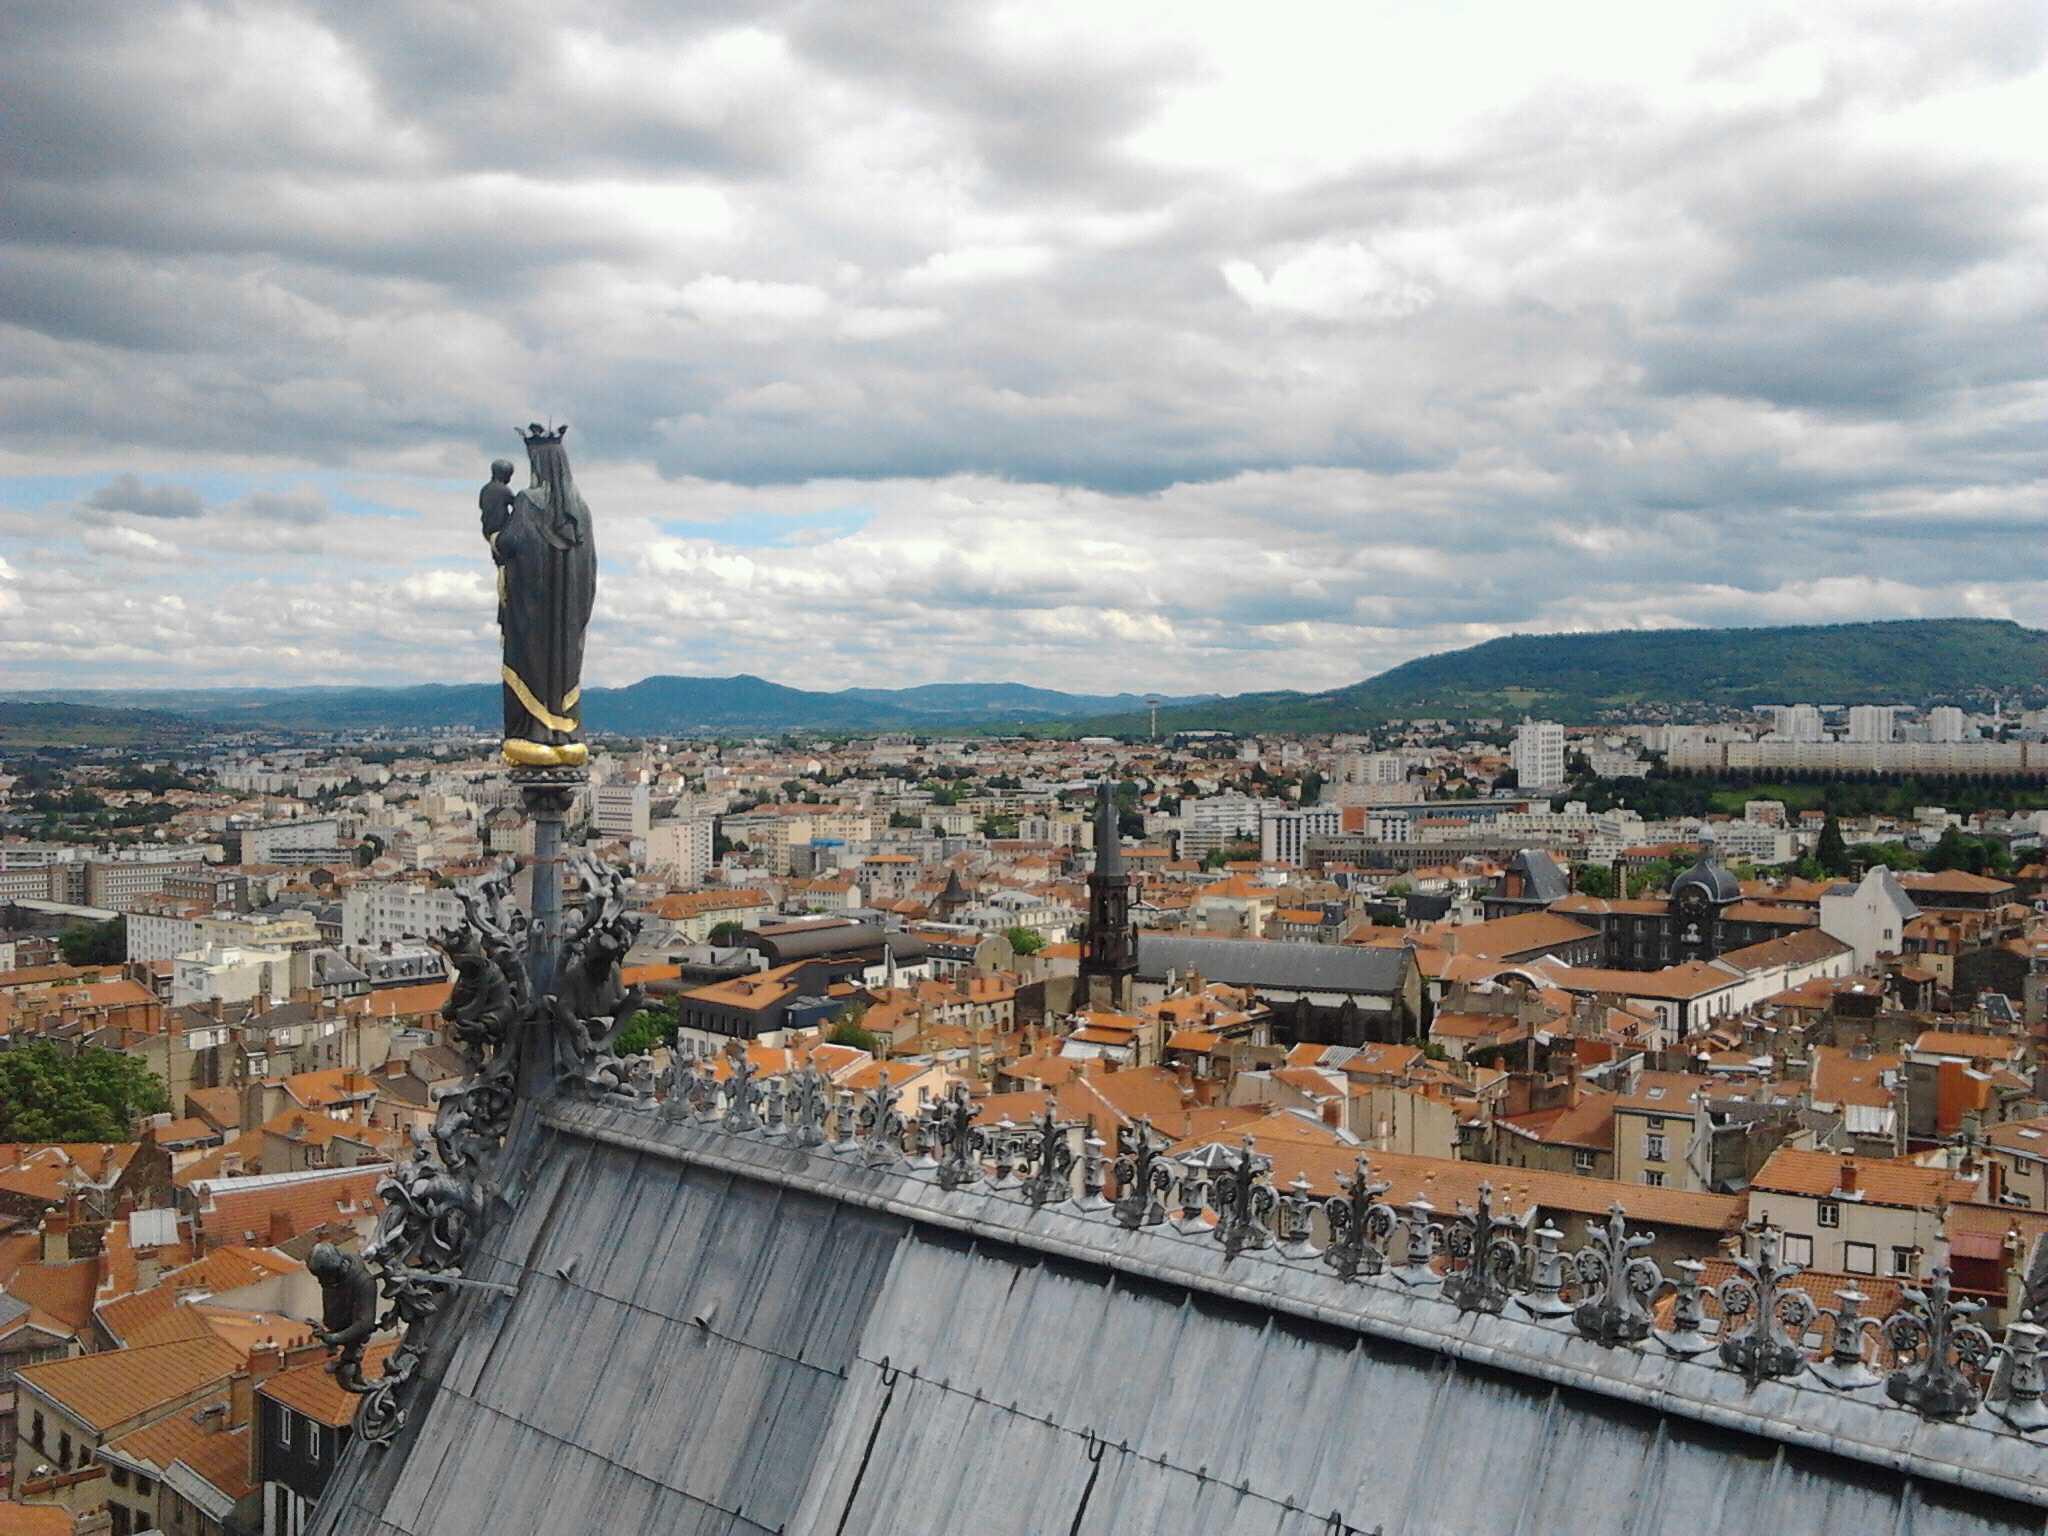 sommet cathédrale de clermont-ferrand